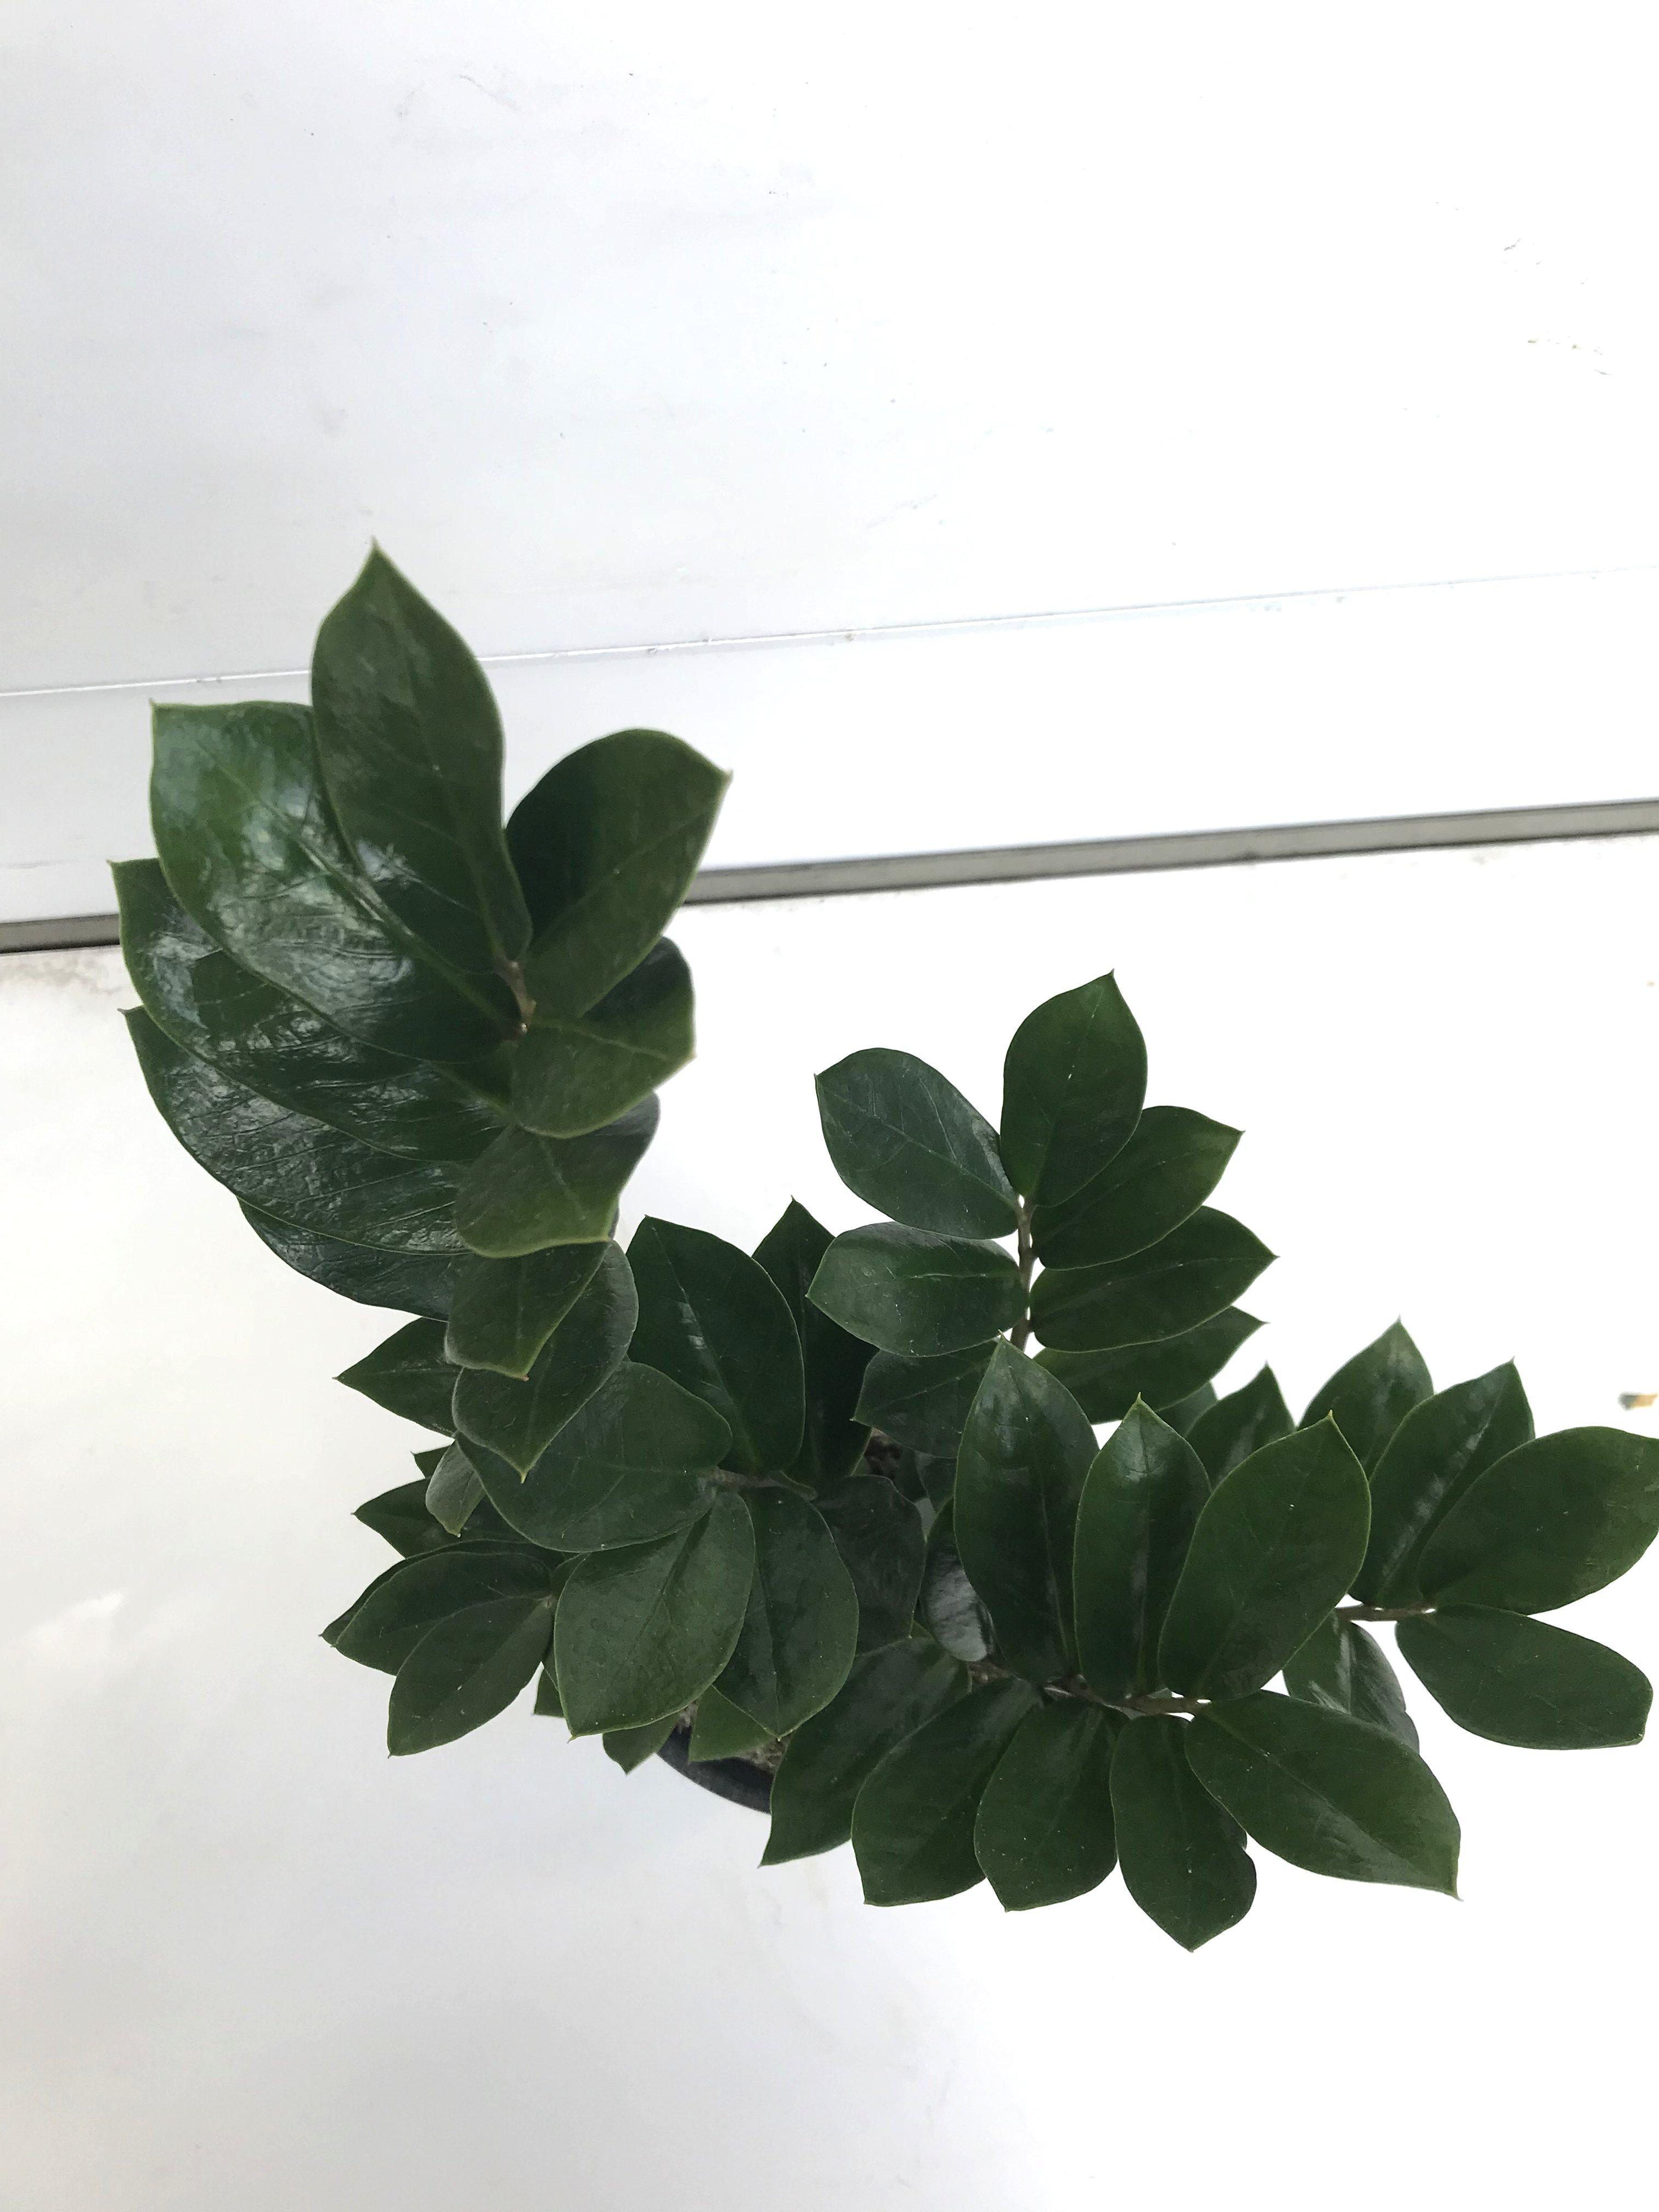 観葉植物 ザミオクルカス ザミフォーリア 4号育成鉢 1鉢 - 2